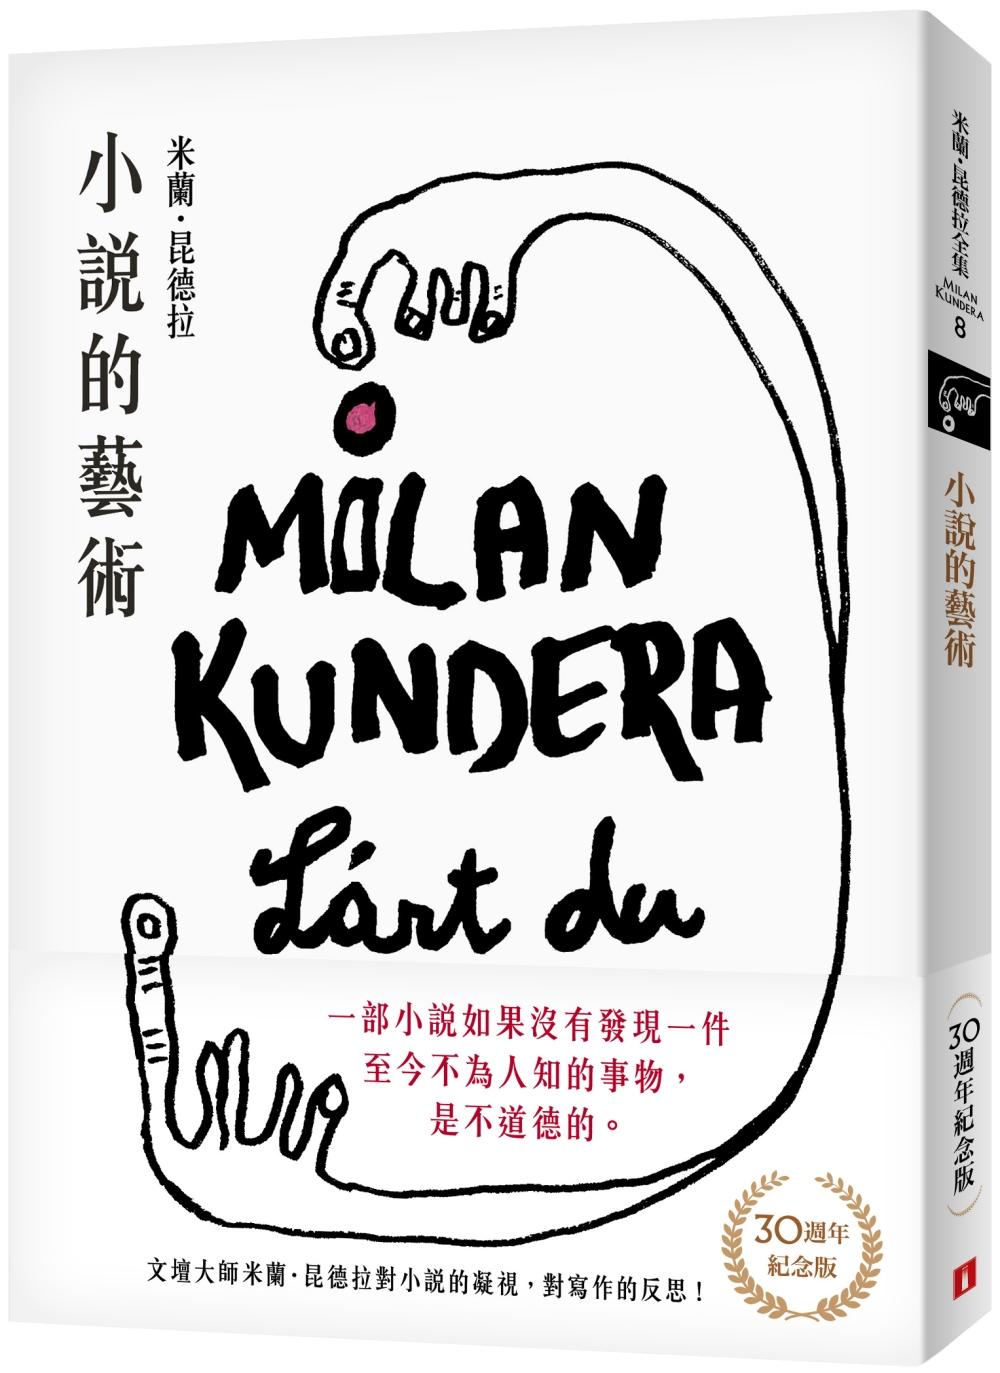 小說的藝術【30週年紀念版】:文壇大師米蘭.昆德拉對小說的凝視,對寫作的反思!